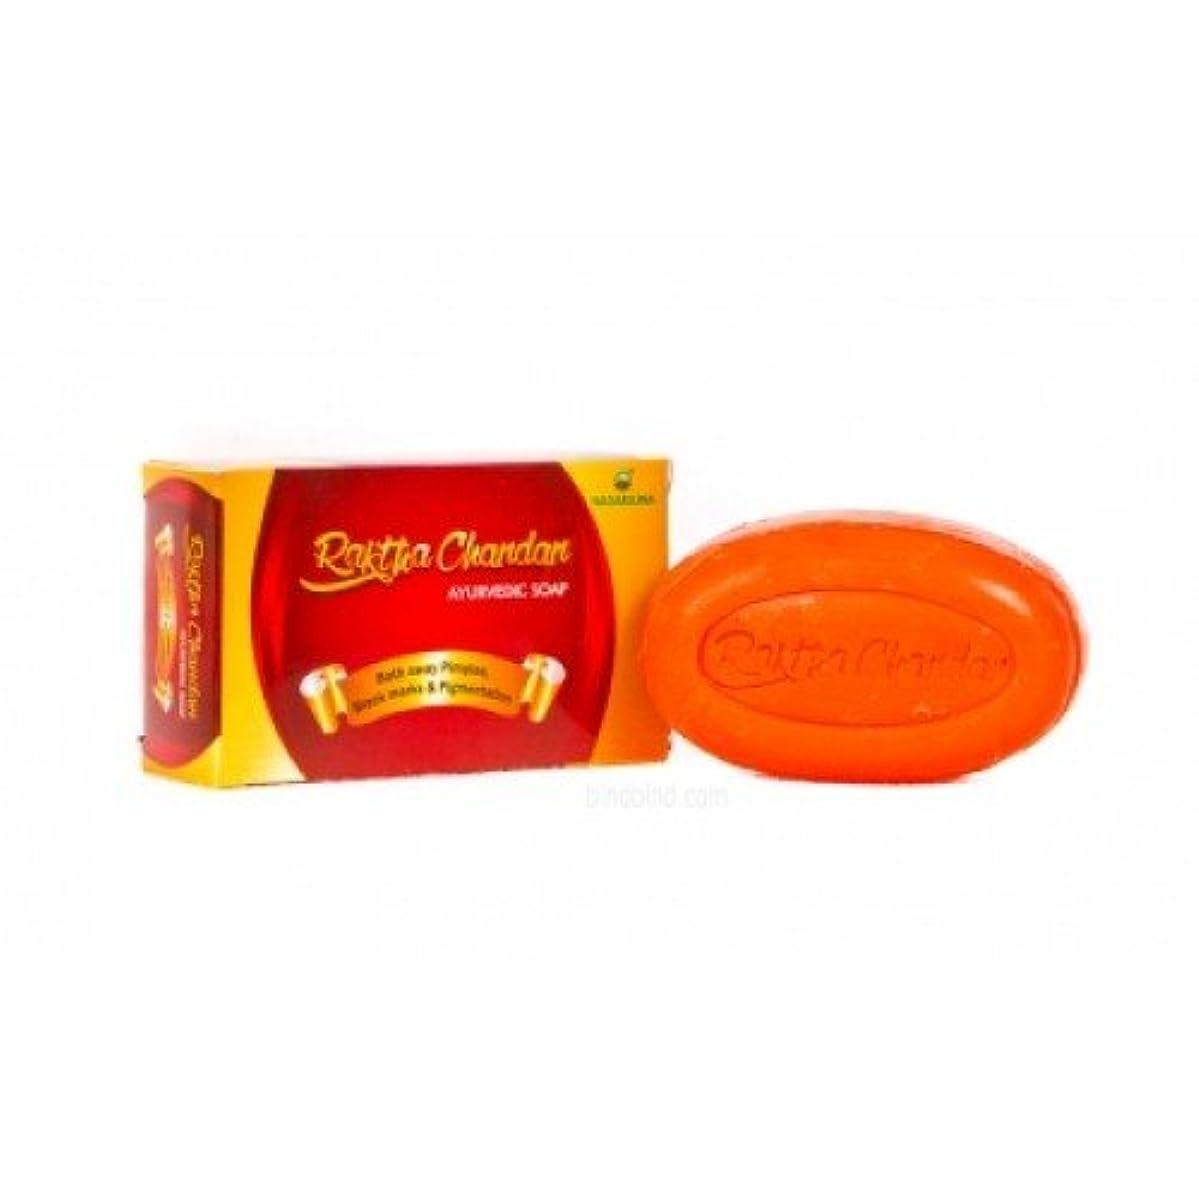 出身地服を洗う想像力豊かなNagarjuna Raktha Chandan Ayurvedic Soap Best For Glowing Skin